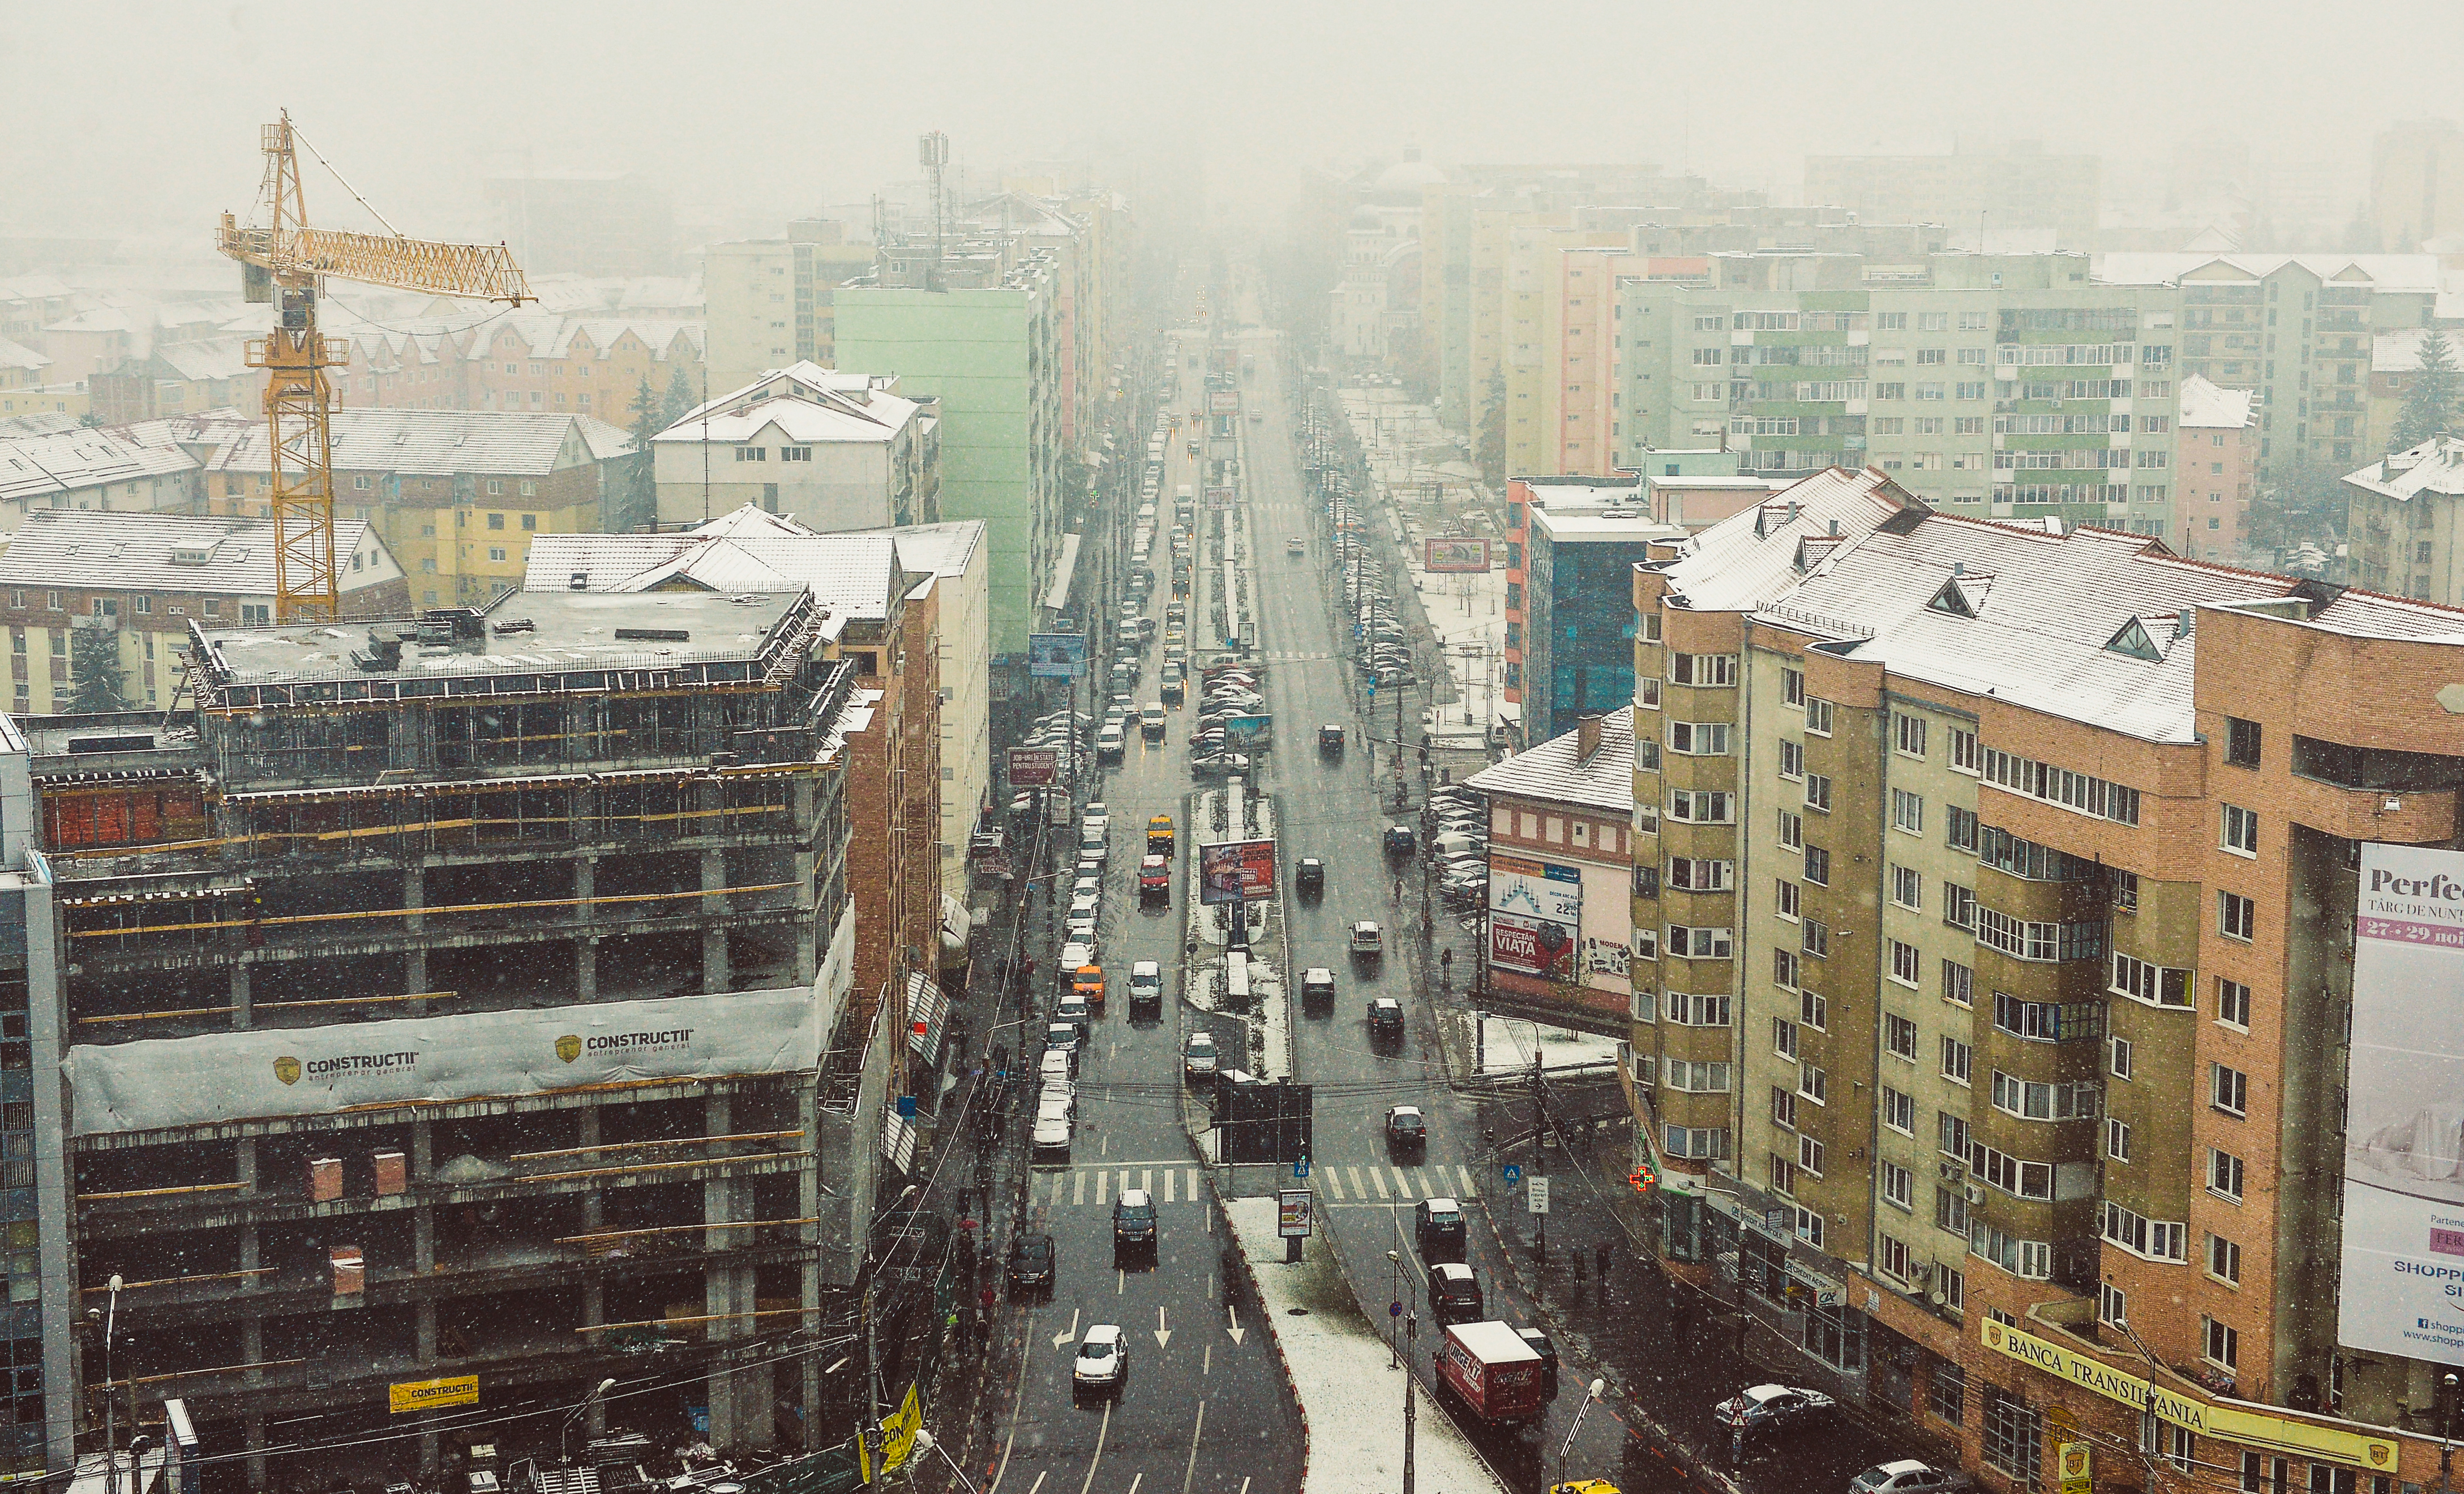 Înapoi în 2002: administrația Sibiului oferă bonusuri sibienilor care se rebranșează la sistemul centralizat de energie termică